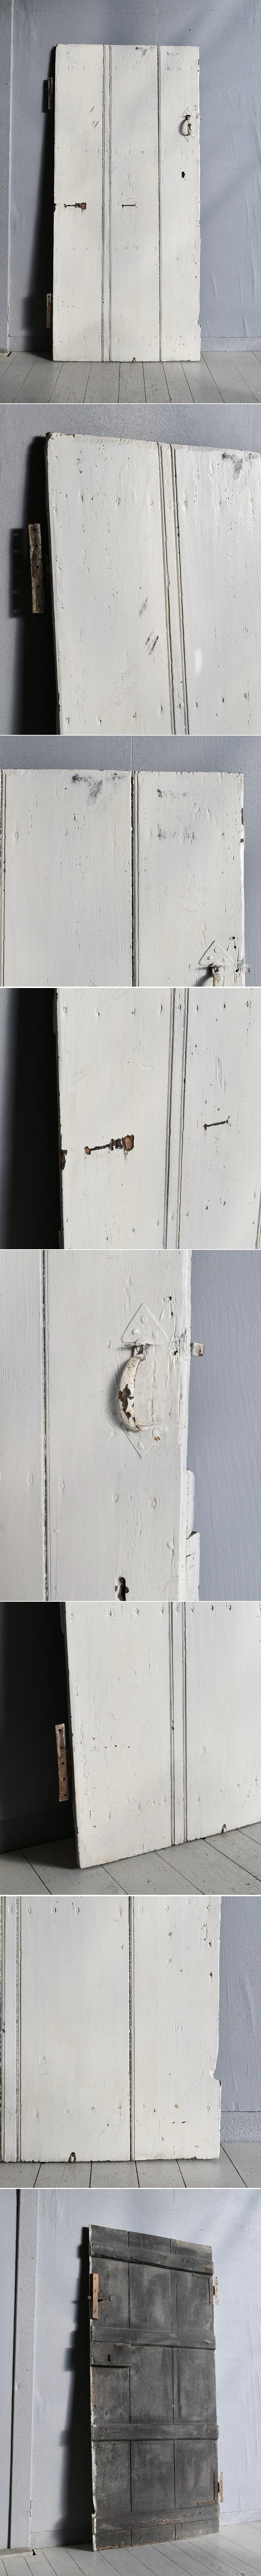 イギリス アンティーク ドア 扉 ディスプレイ 建具 7705